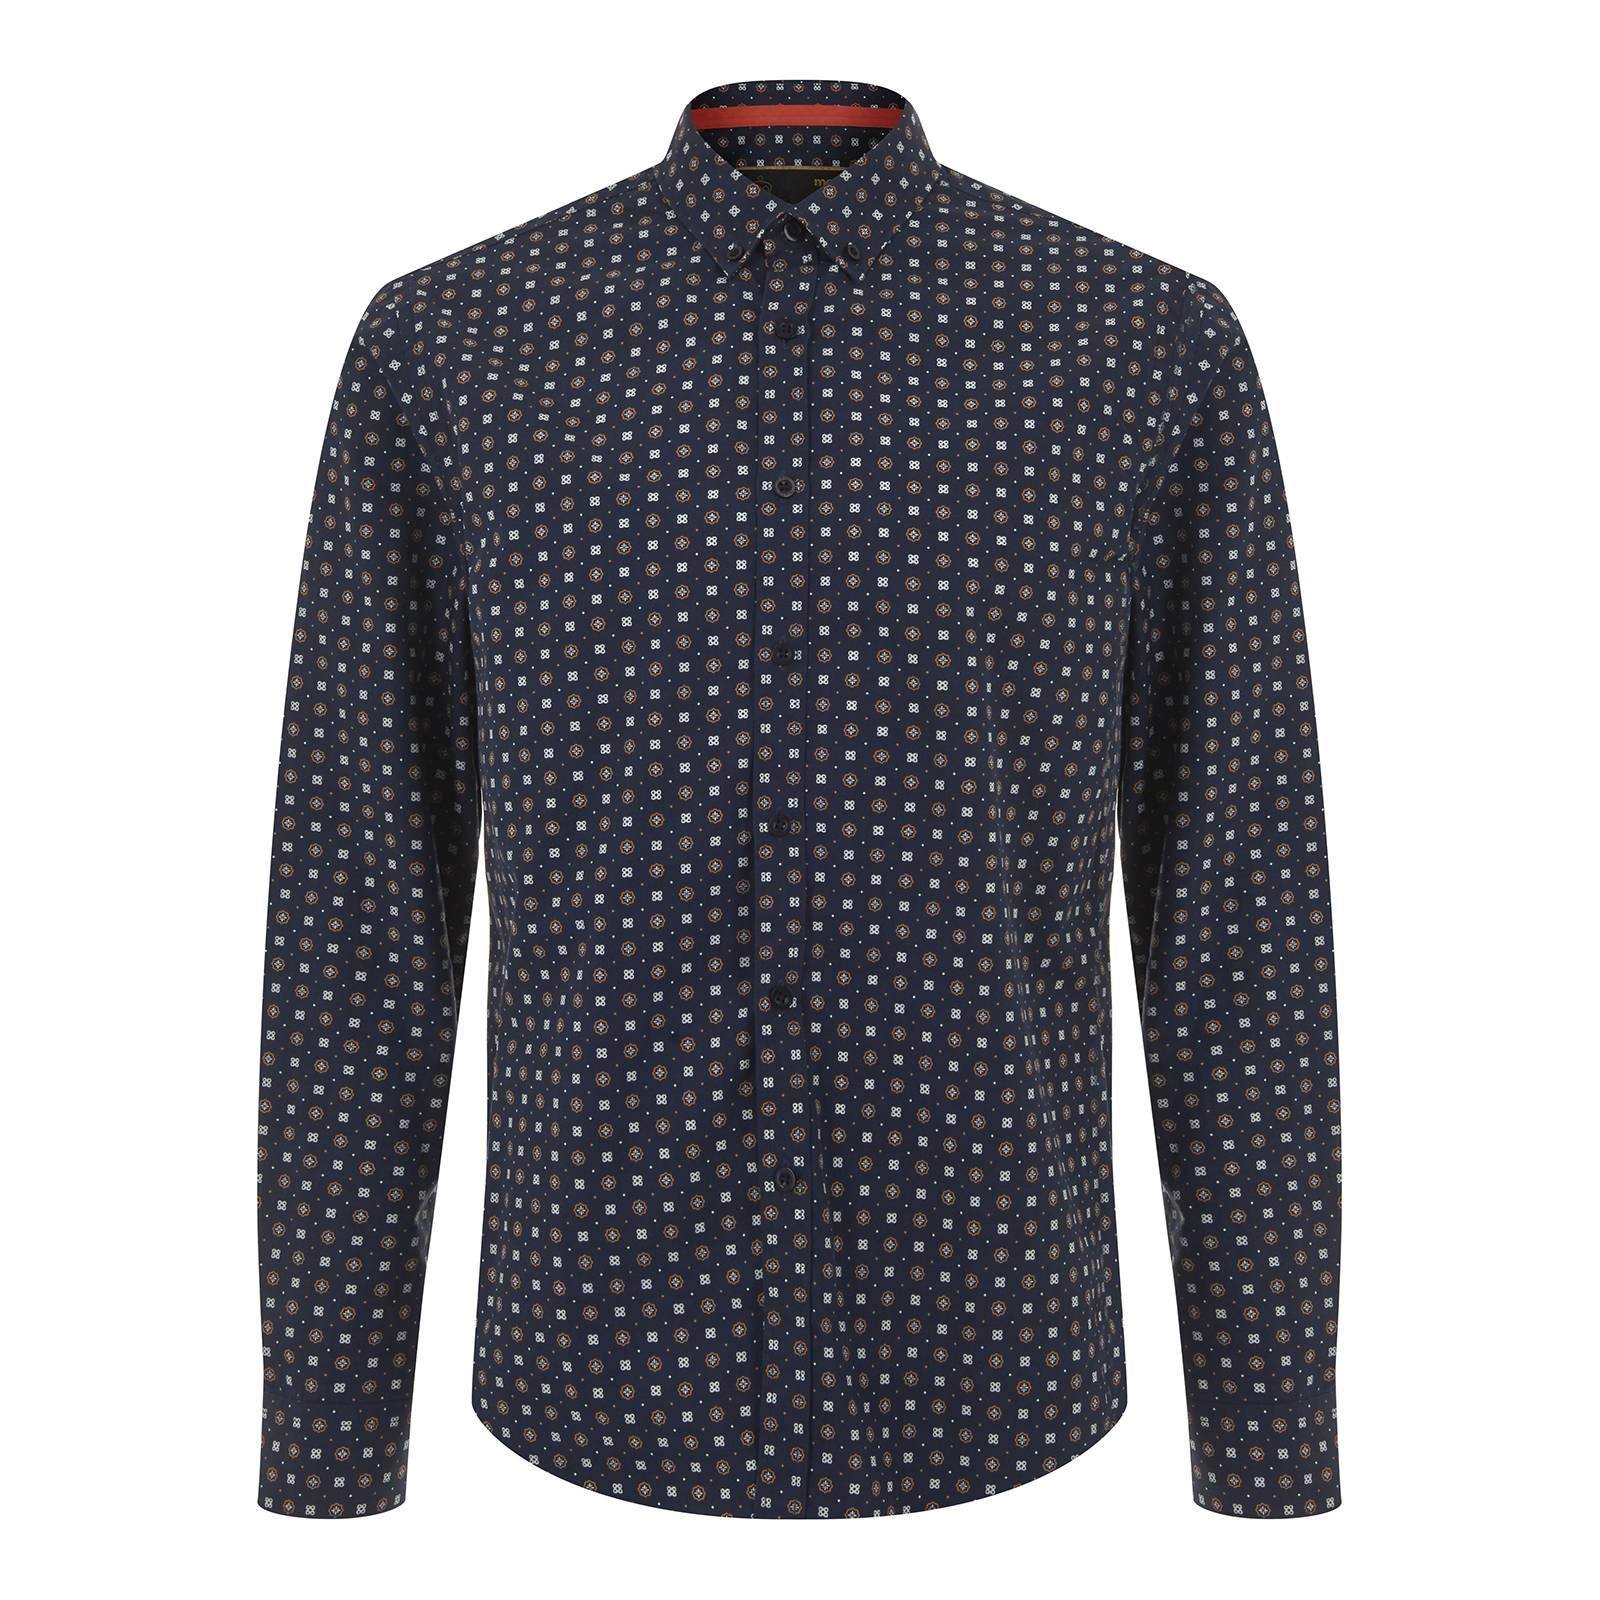 Рубашка PickettРубашки<br>Мужская приталенная smart casual рубашка из легкого хлопчатобумажного материала поплин с элегантным геометрическим ретро узором. Утонченный, но в то же время строгий и универсальный дизайн, классический воротник Кент и удлиненная спинка, не позволяющая рубашке часто выправляться из-под брюк, располагают к тому, чтобы носить её в офис, но и в модном ресторане после рабочего дня она будет смотреться не менее актуально. Уголок манжет с наружной стороны отделан контрастной оранжево-желтой тканью. Эта изящная деталь гармонирует с выполненным в тон логотипом Корона, вышитым на фигурной планке правого рукава. Кроме того данную модель можно носить и навыпуск, комбинируя со светлыми чиносами, синими или коричневыми дезертами или лоферами.<br><br>Артикул: 1516106<br>Материал: 100% хлопок<br>Цвет: темно-синий<br>Пол: Мужской